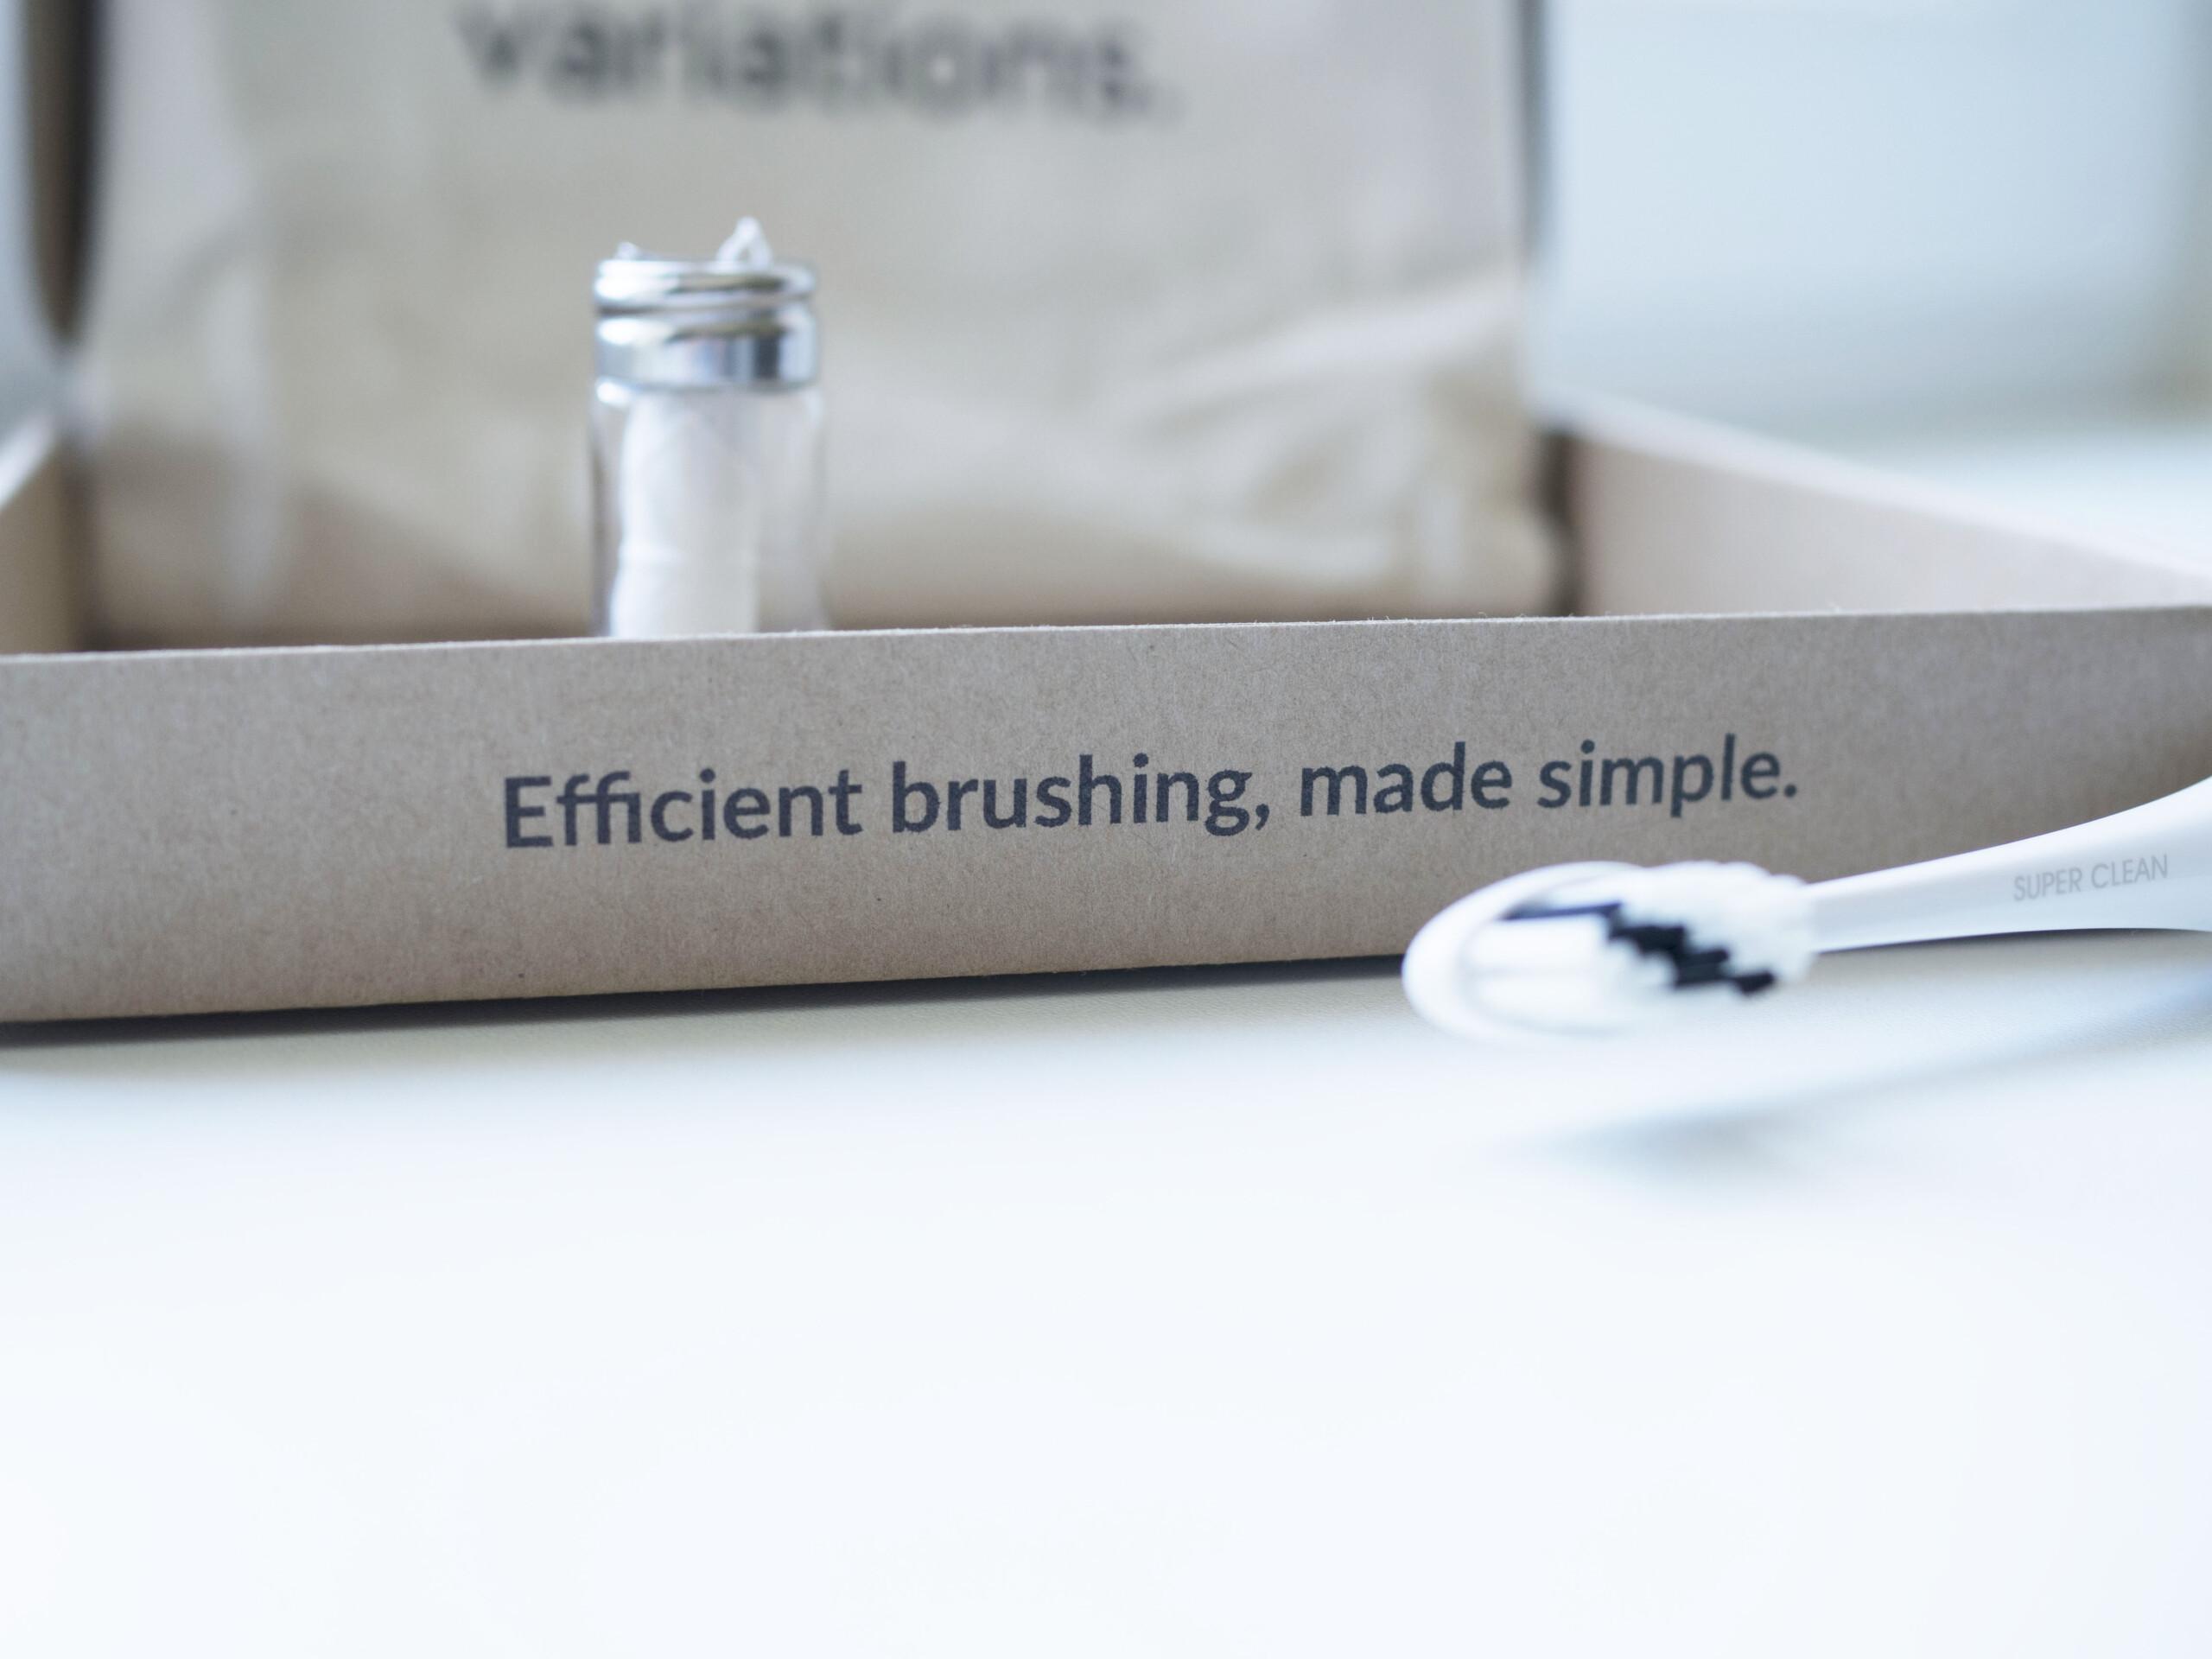 La brosse à dents Variations au 5 modes de brossage